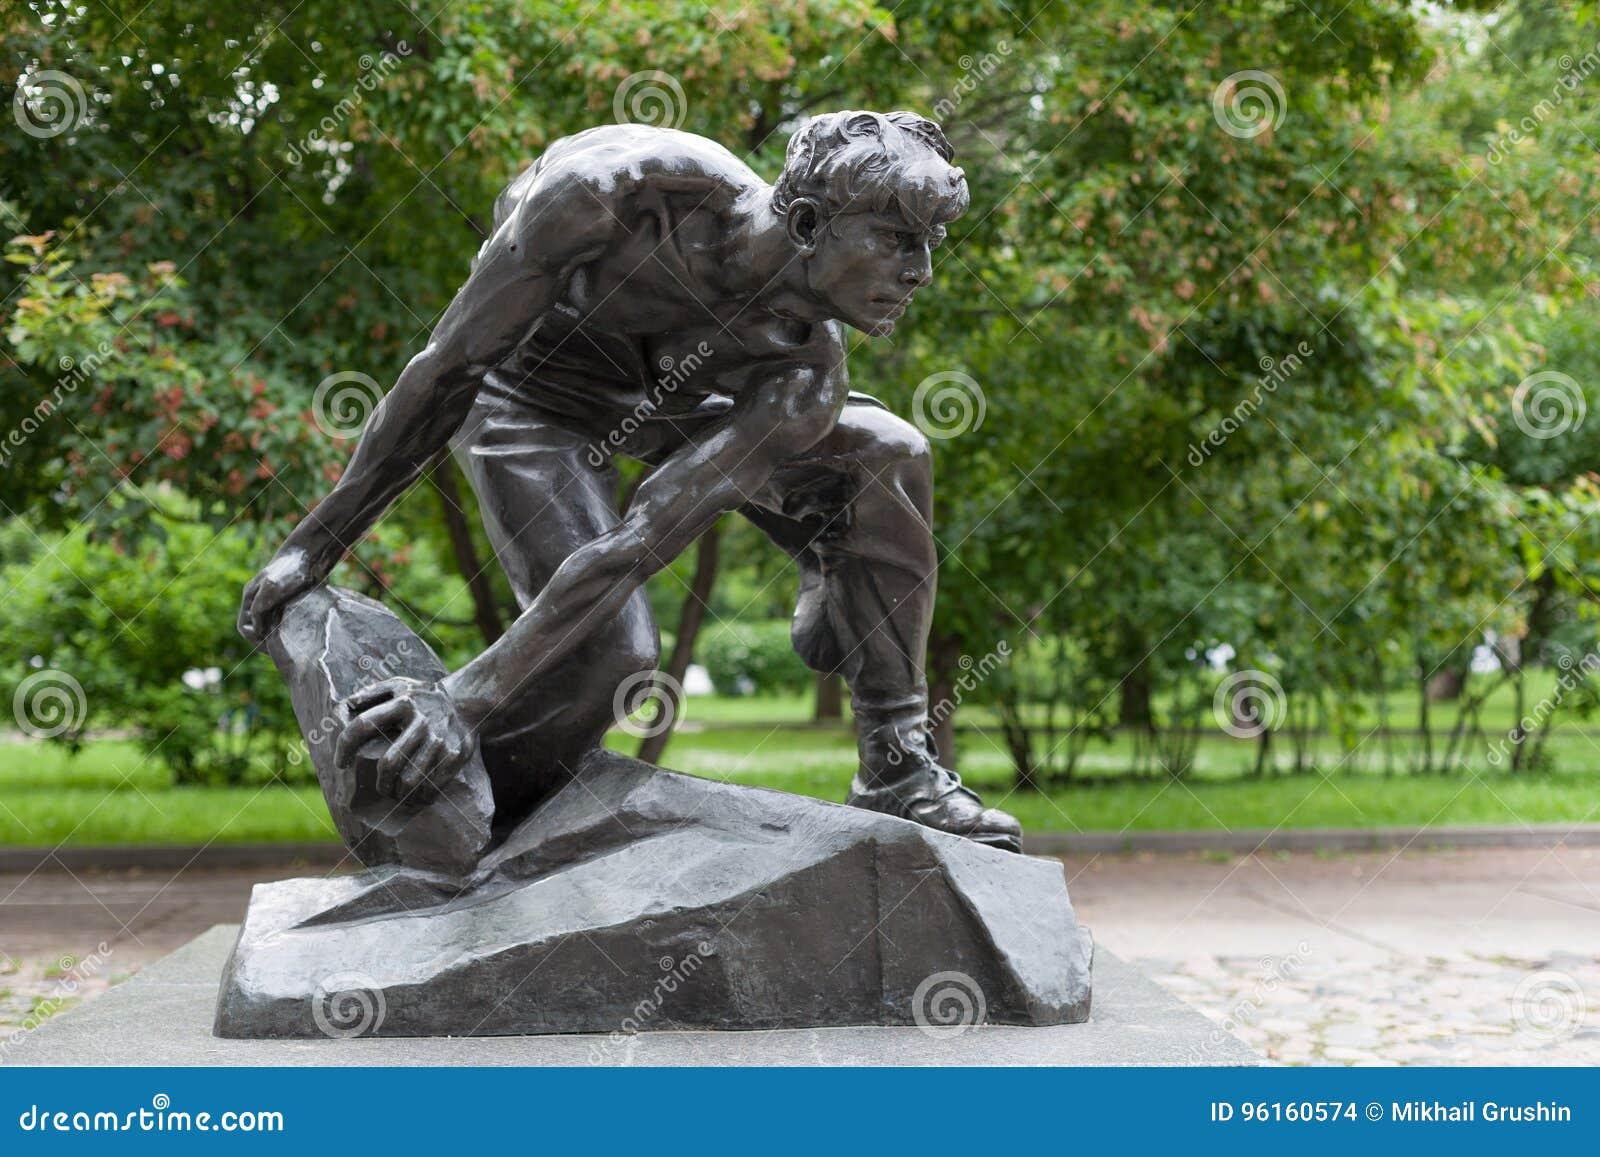 Булыжник по мере того как оружия скульптуры 5 пролетариата 07 2017